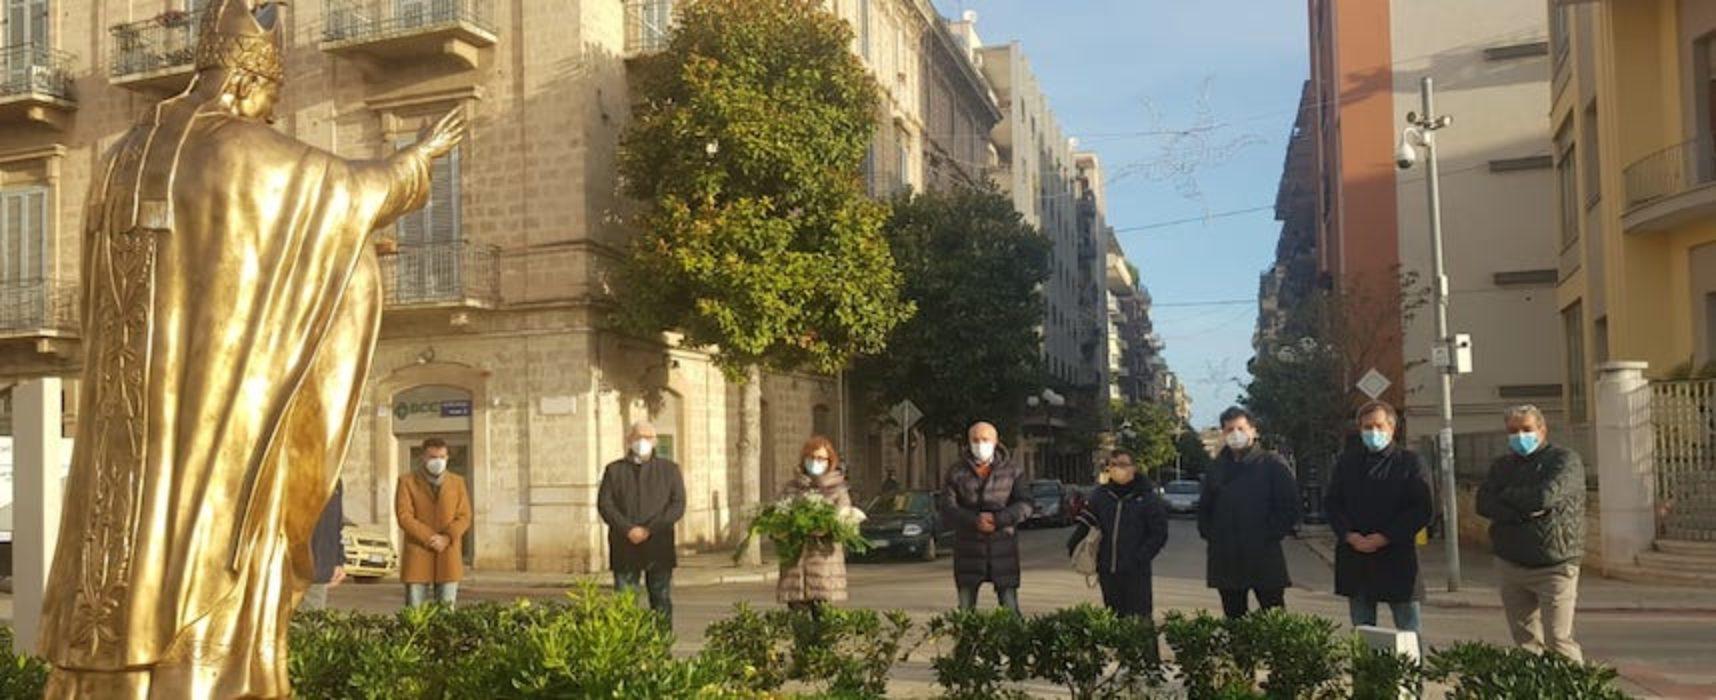 Fiori per Giovanni Paolo II, anche il sindaco all'iniziativa de Il Torrione e Bisceglie Tricolore